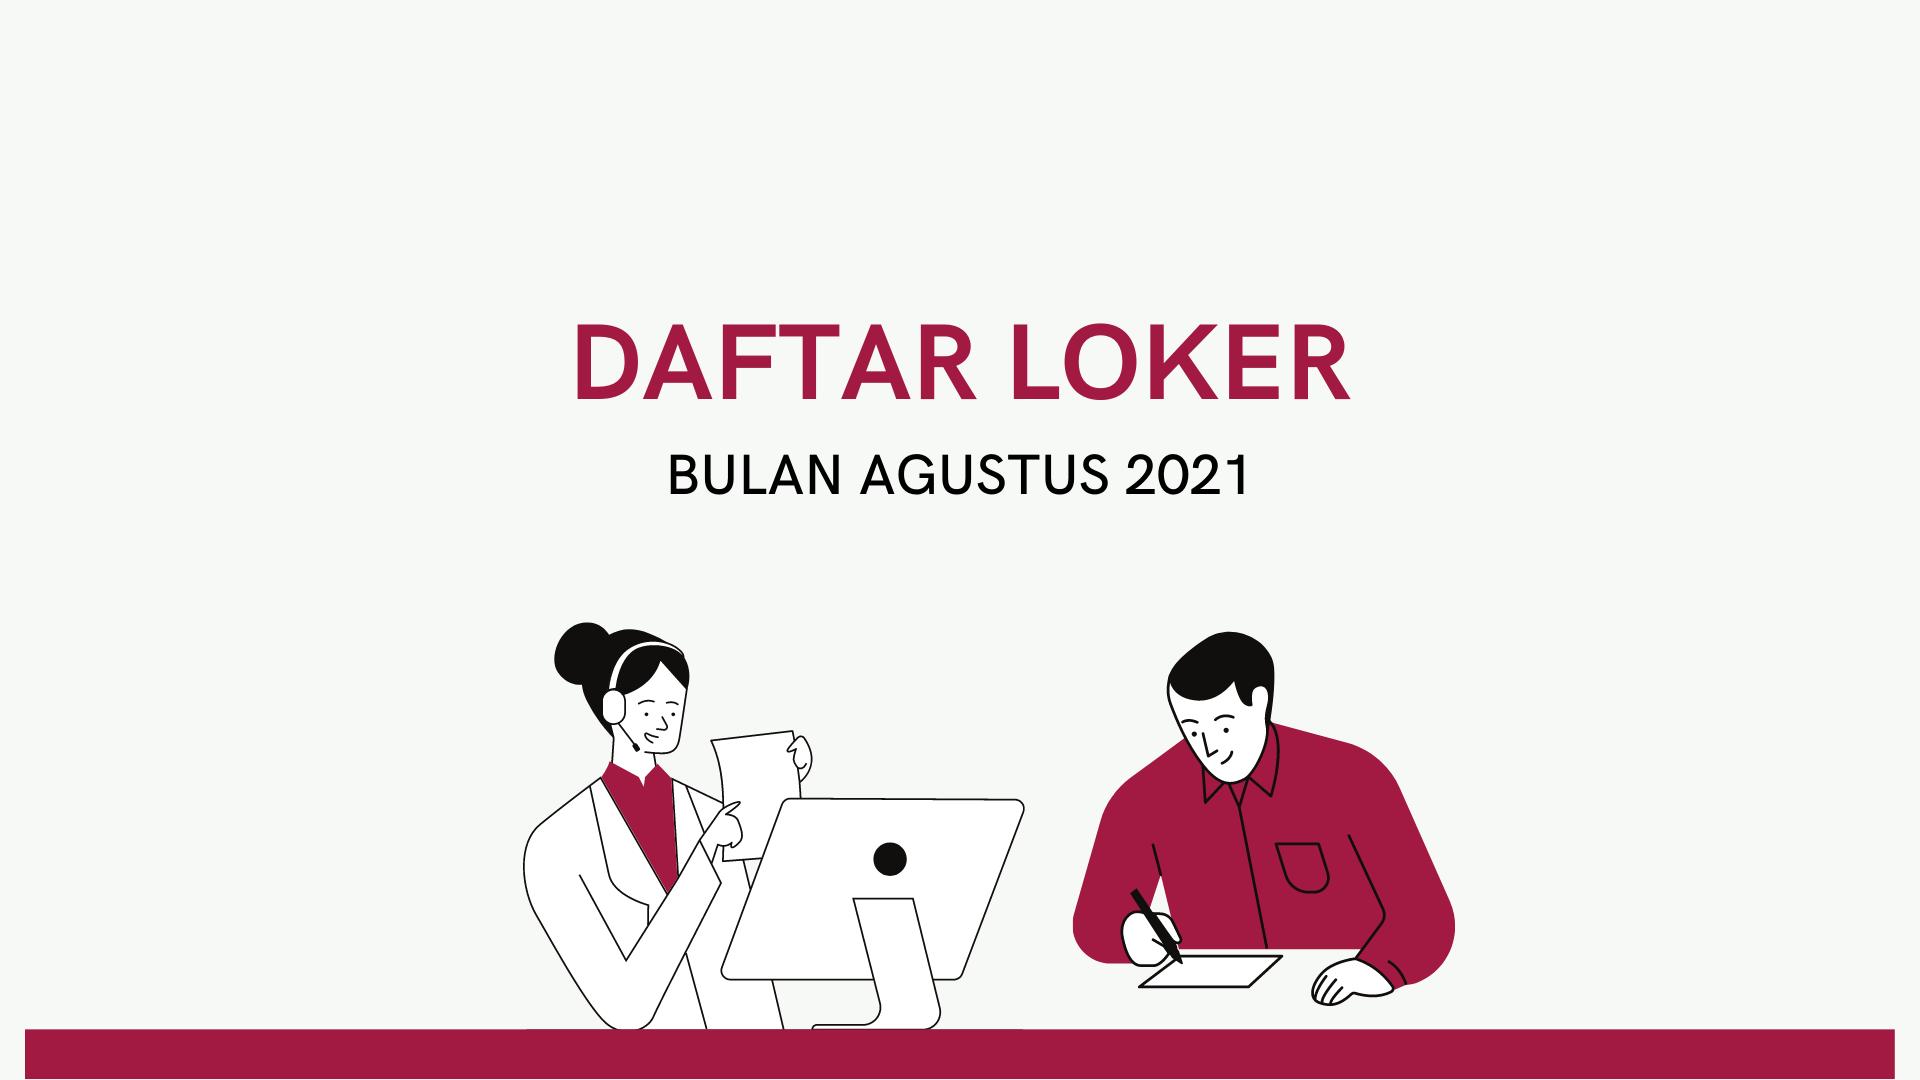 Daftar Lowongan Kerja Bulan Agustus 2021